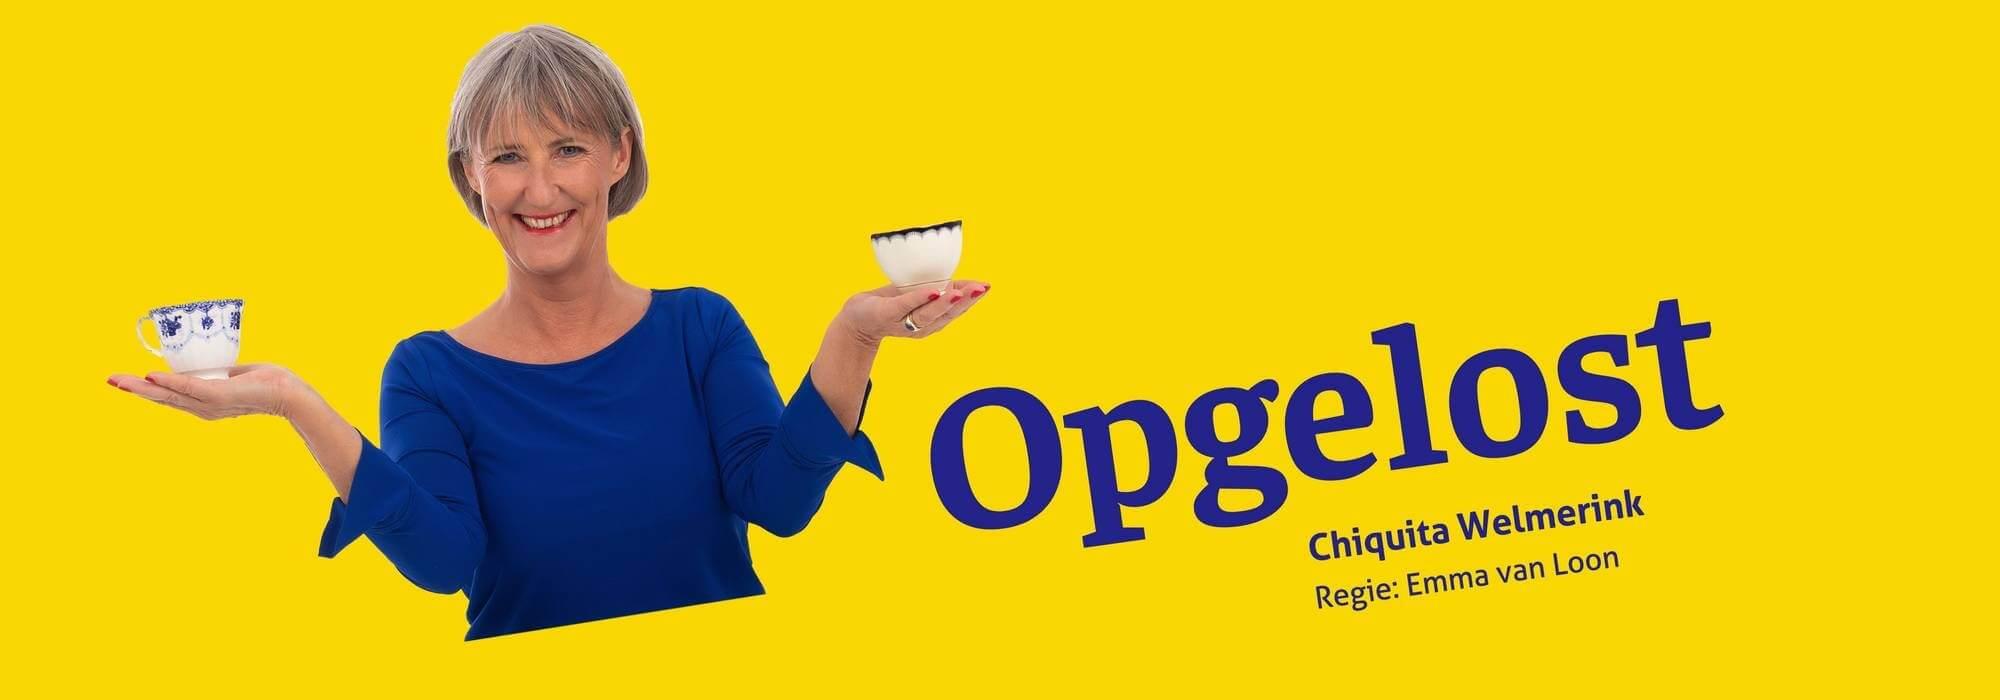 Chiquita Welmerink: Opgelost!